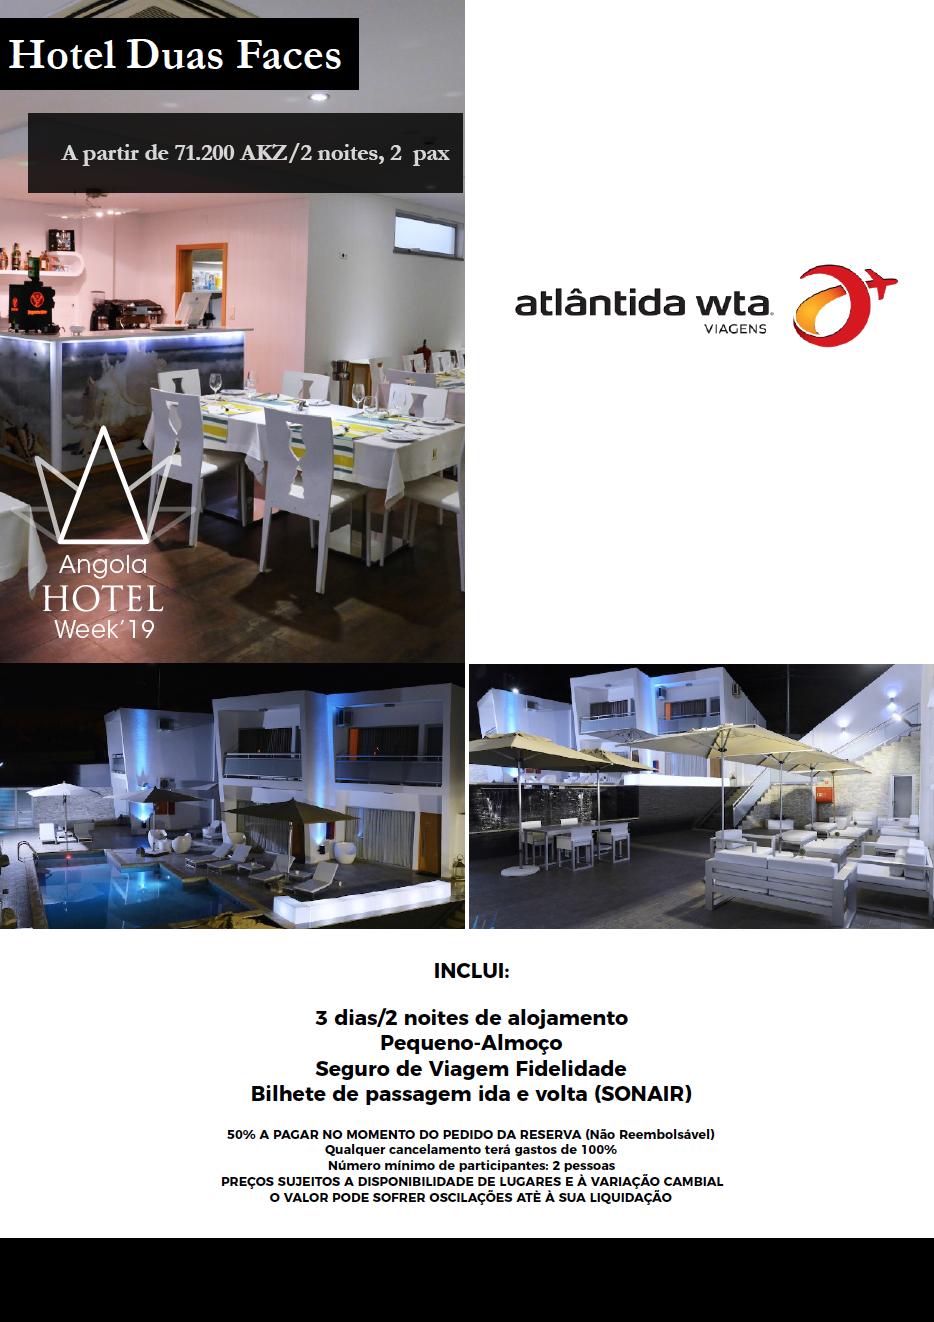 Atlantida_DuasFaces.png